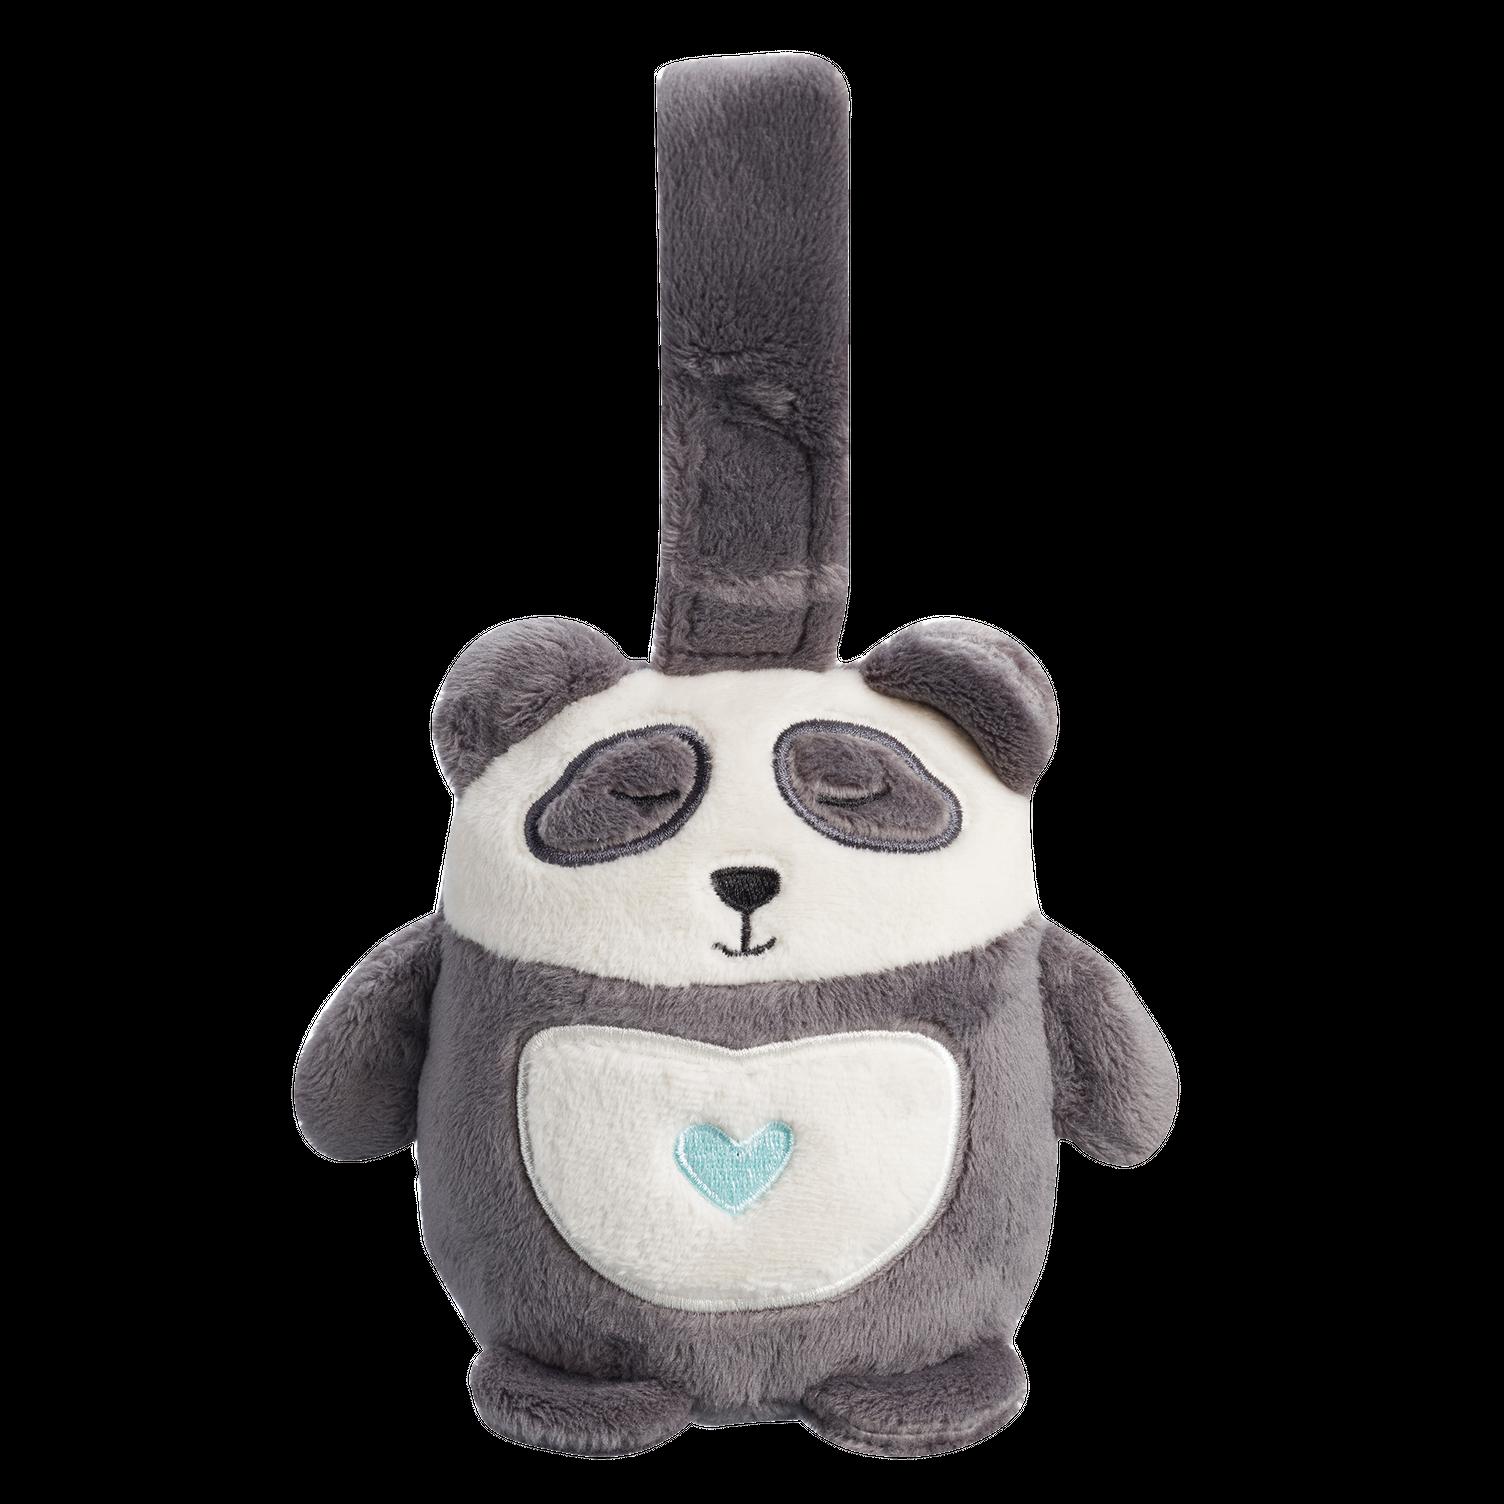 Hudebná závesná hračka Grofriend Pip the Panda